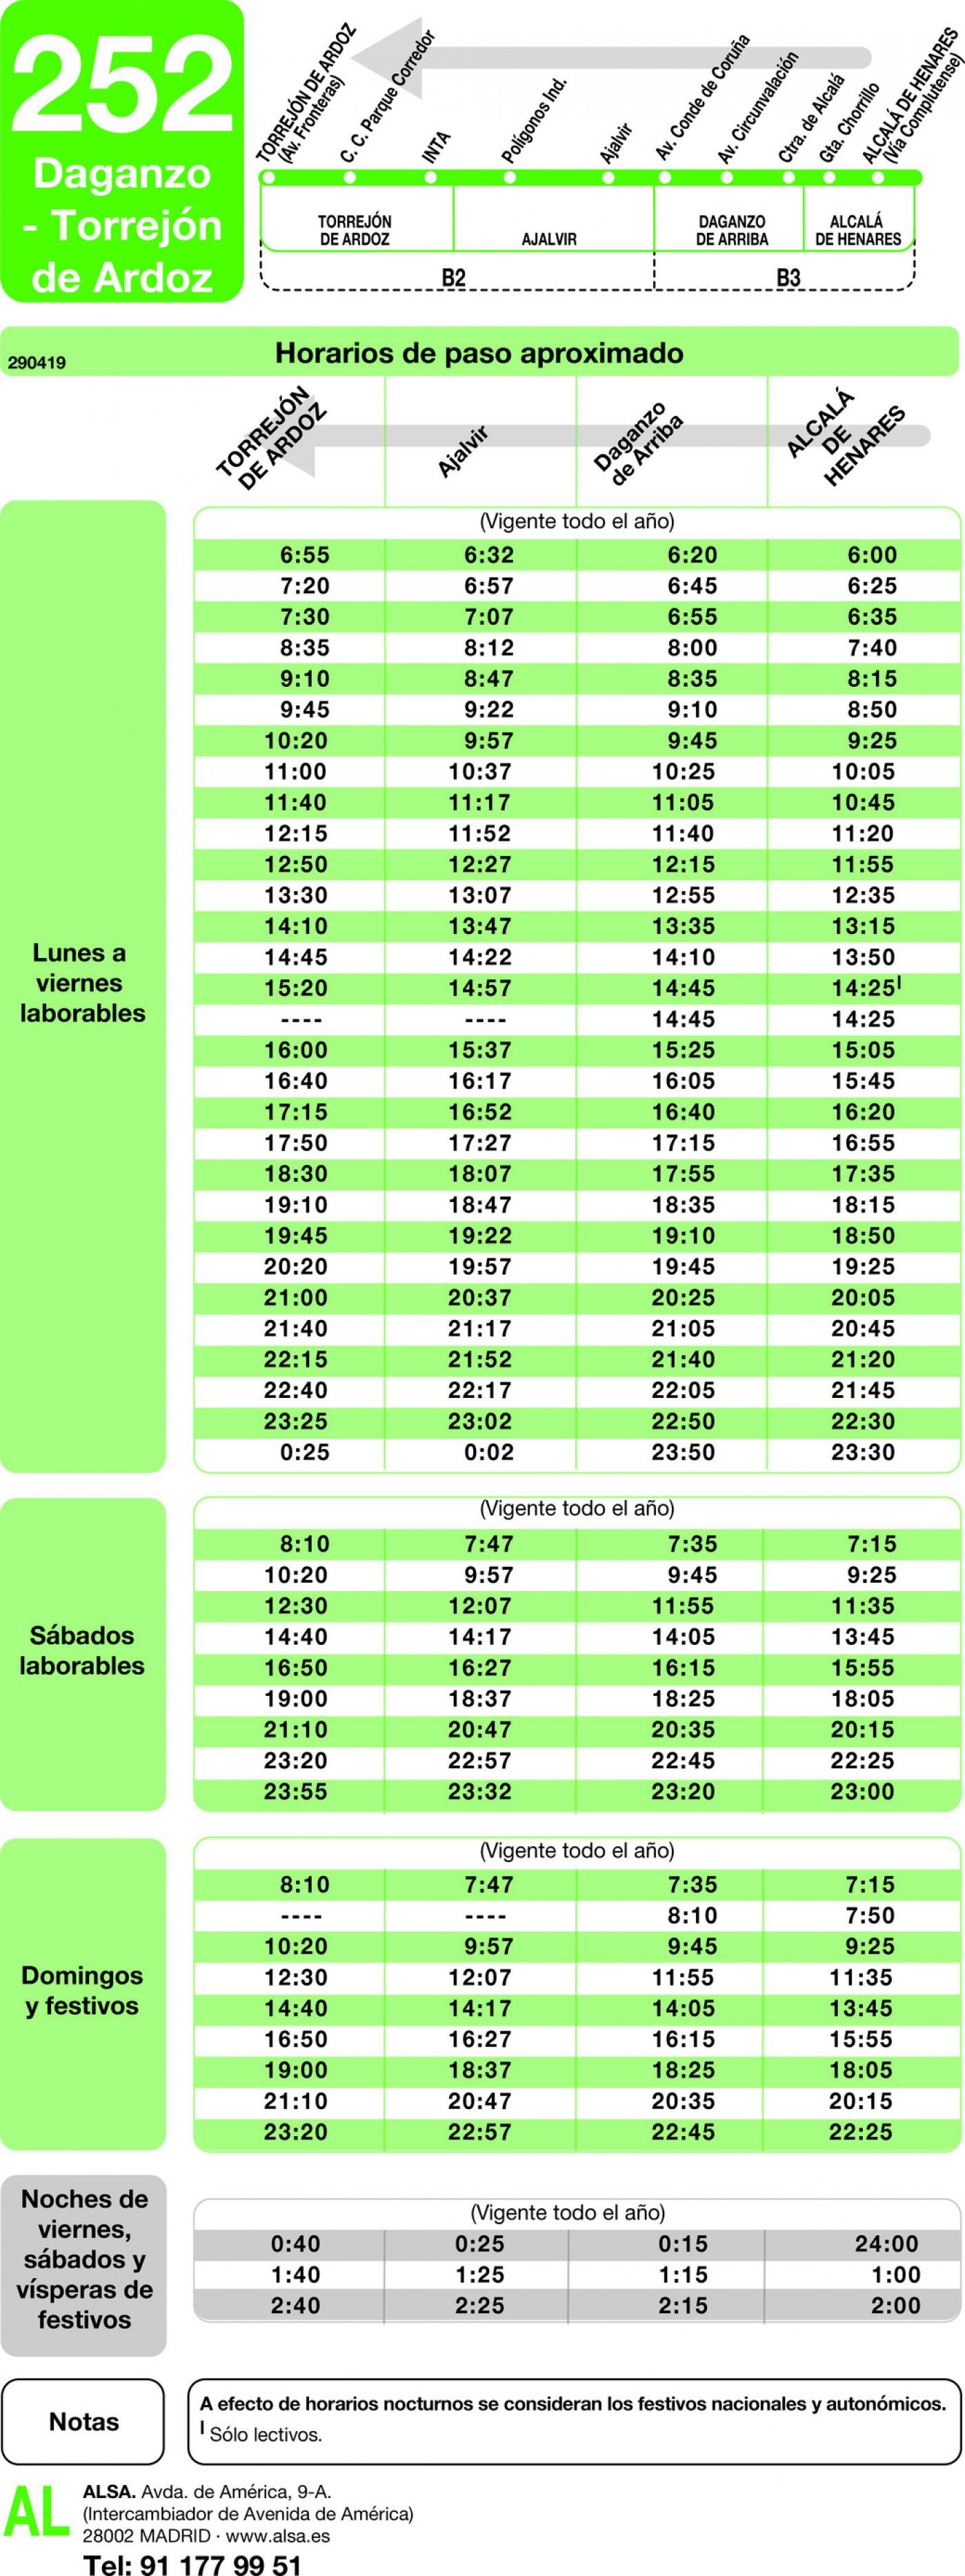 Tabla de horarios y frecuencias de paso en sentido vuelta Línea 252: Torrejón de Ardoz - Daganzo - Alcalá de Henares